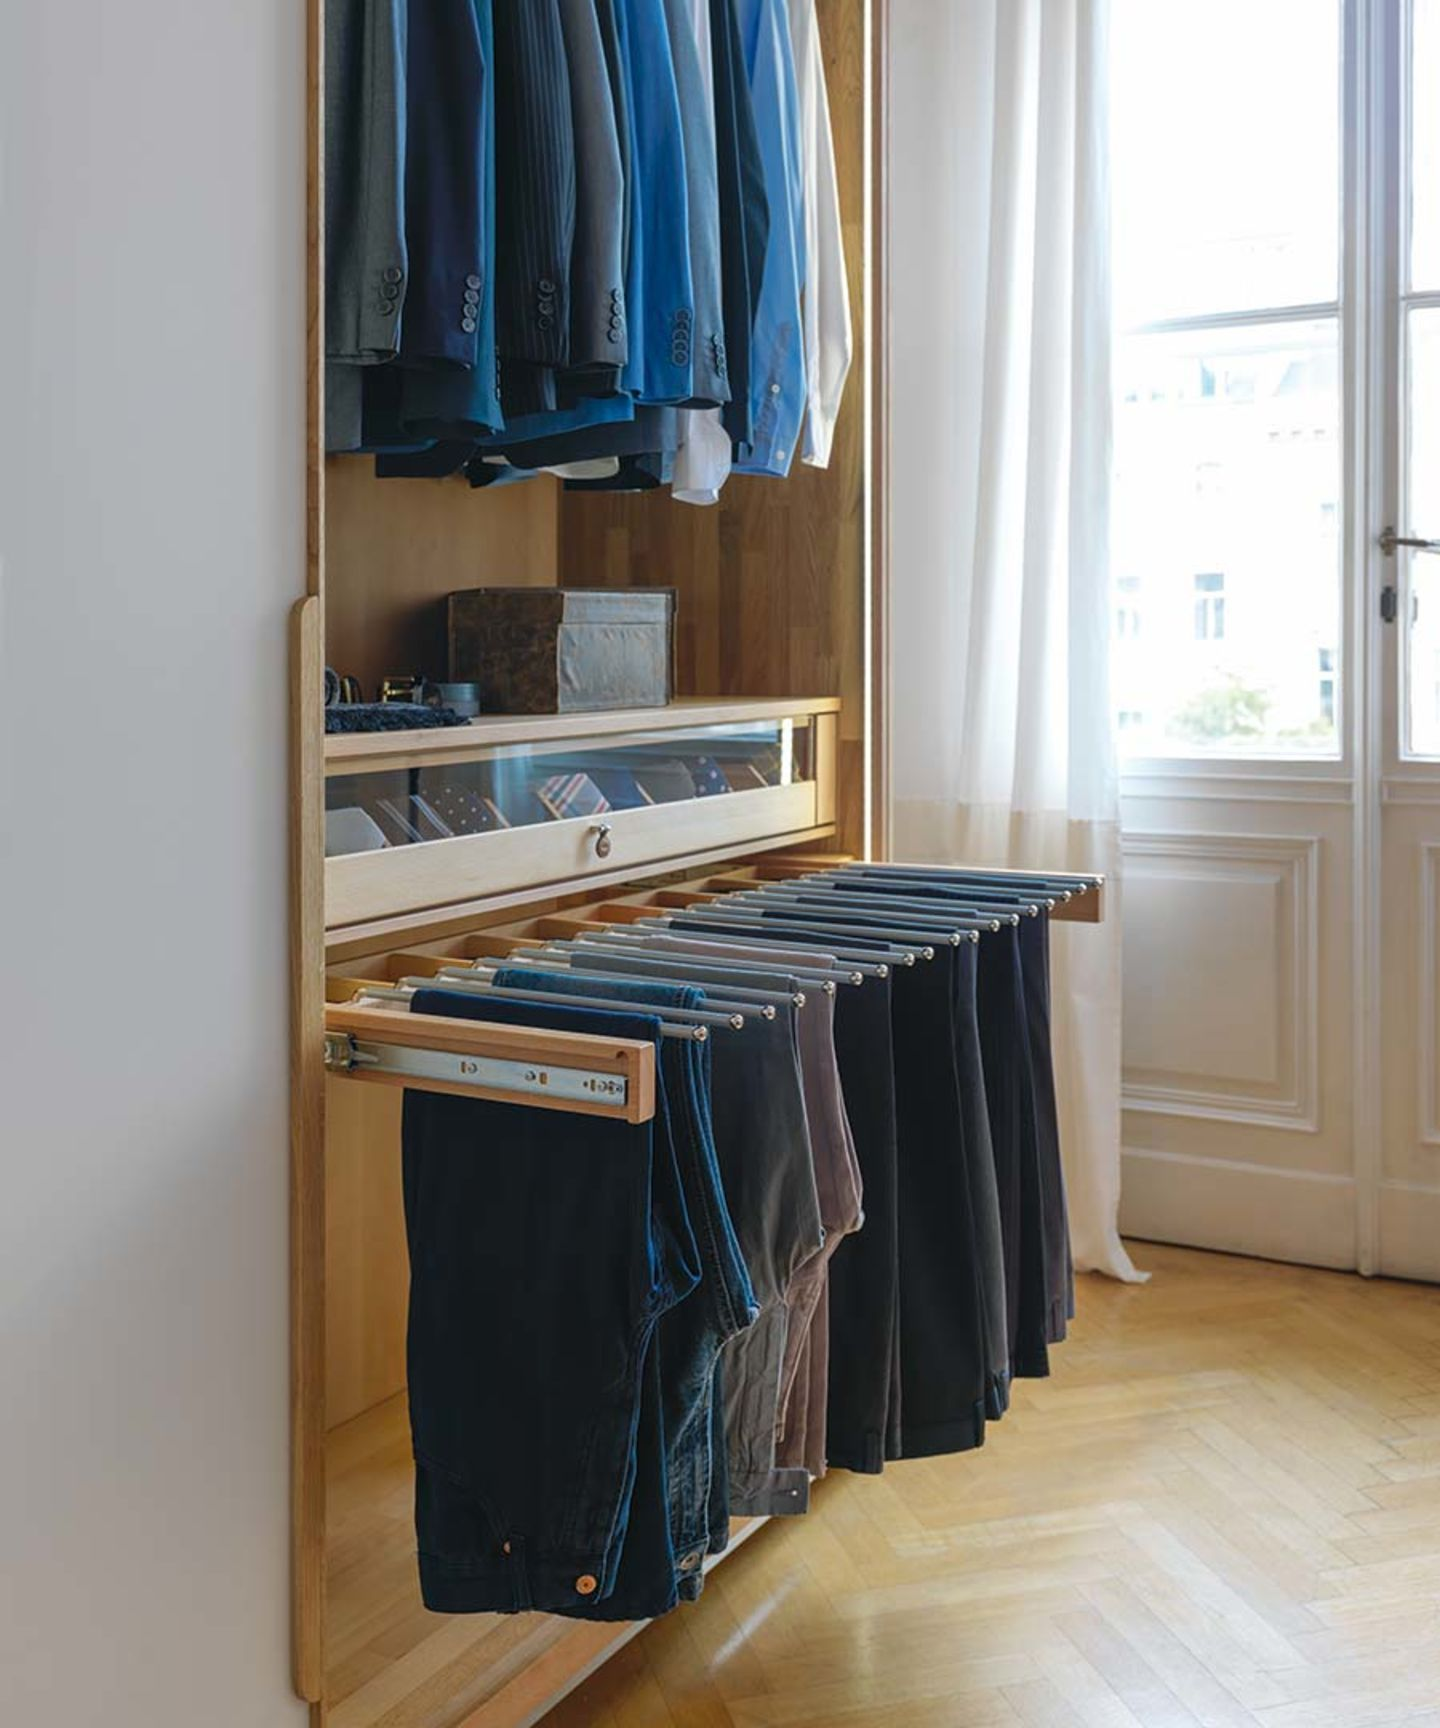 Kleiderschrank Innenleben Mit Ordnungshelfer Aus Naturholz With